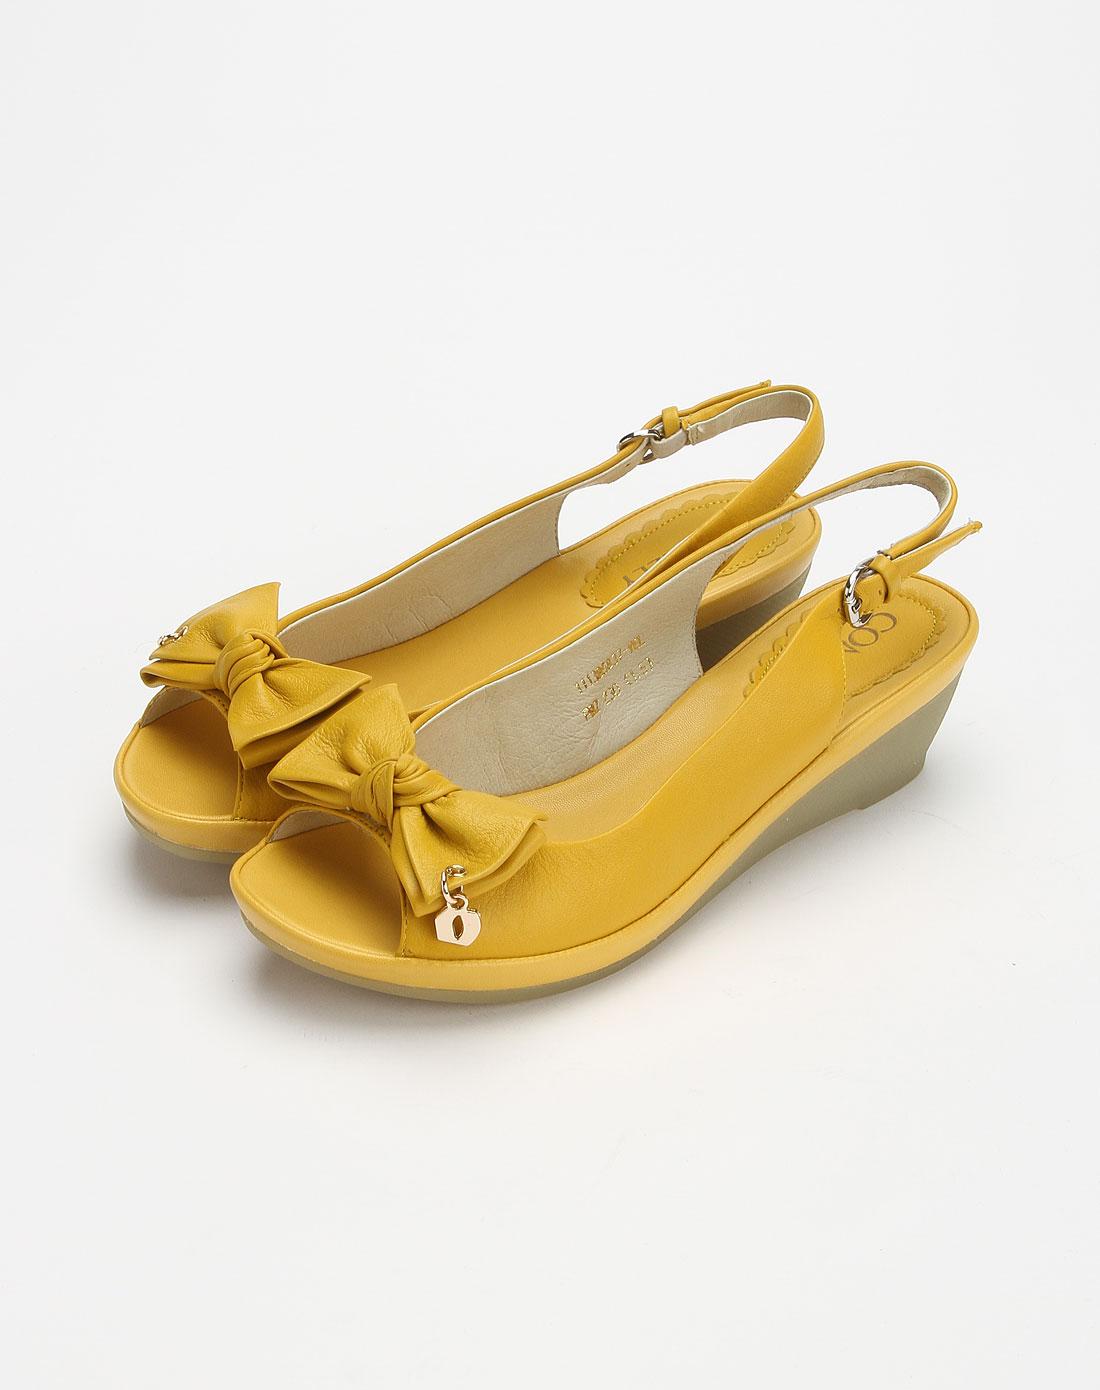 康莉comely黄色时尚简约凉鞋